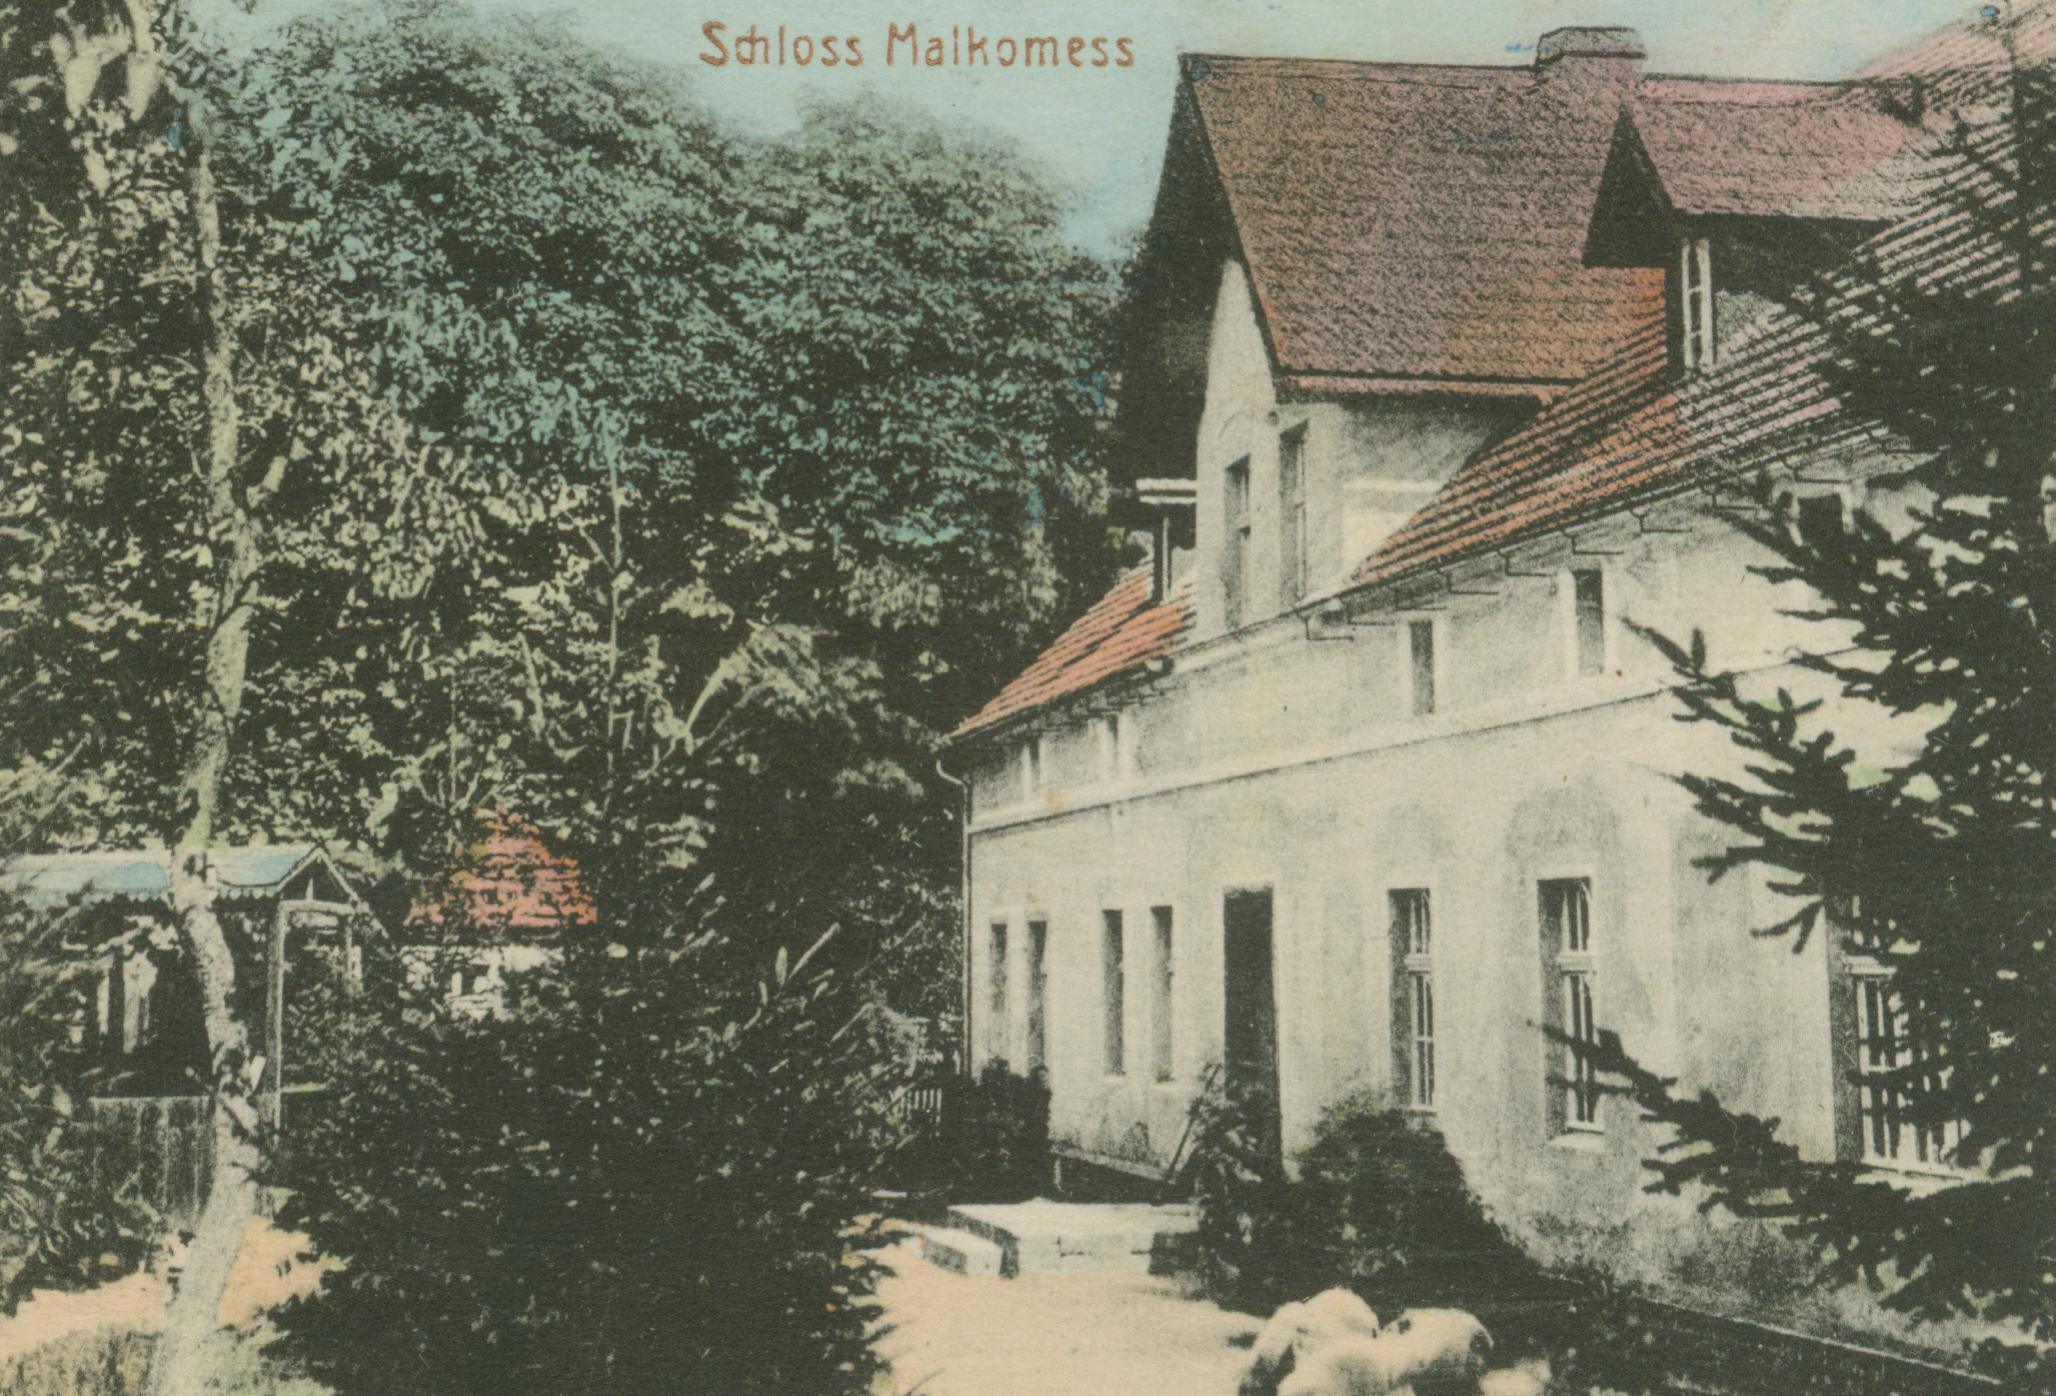 Grabowiec- pałac Malkomess